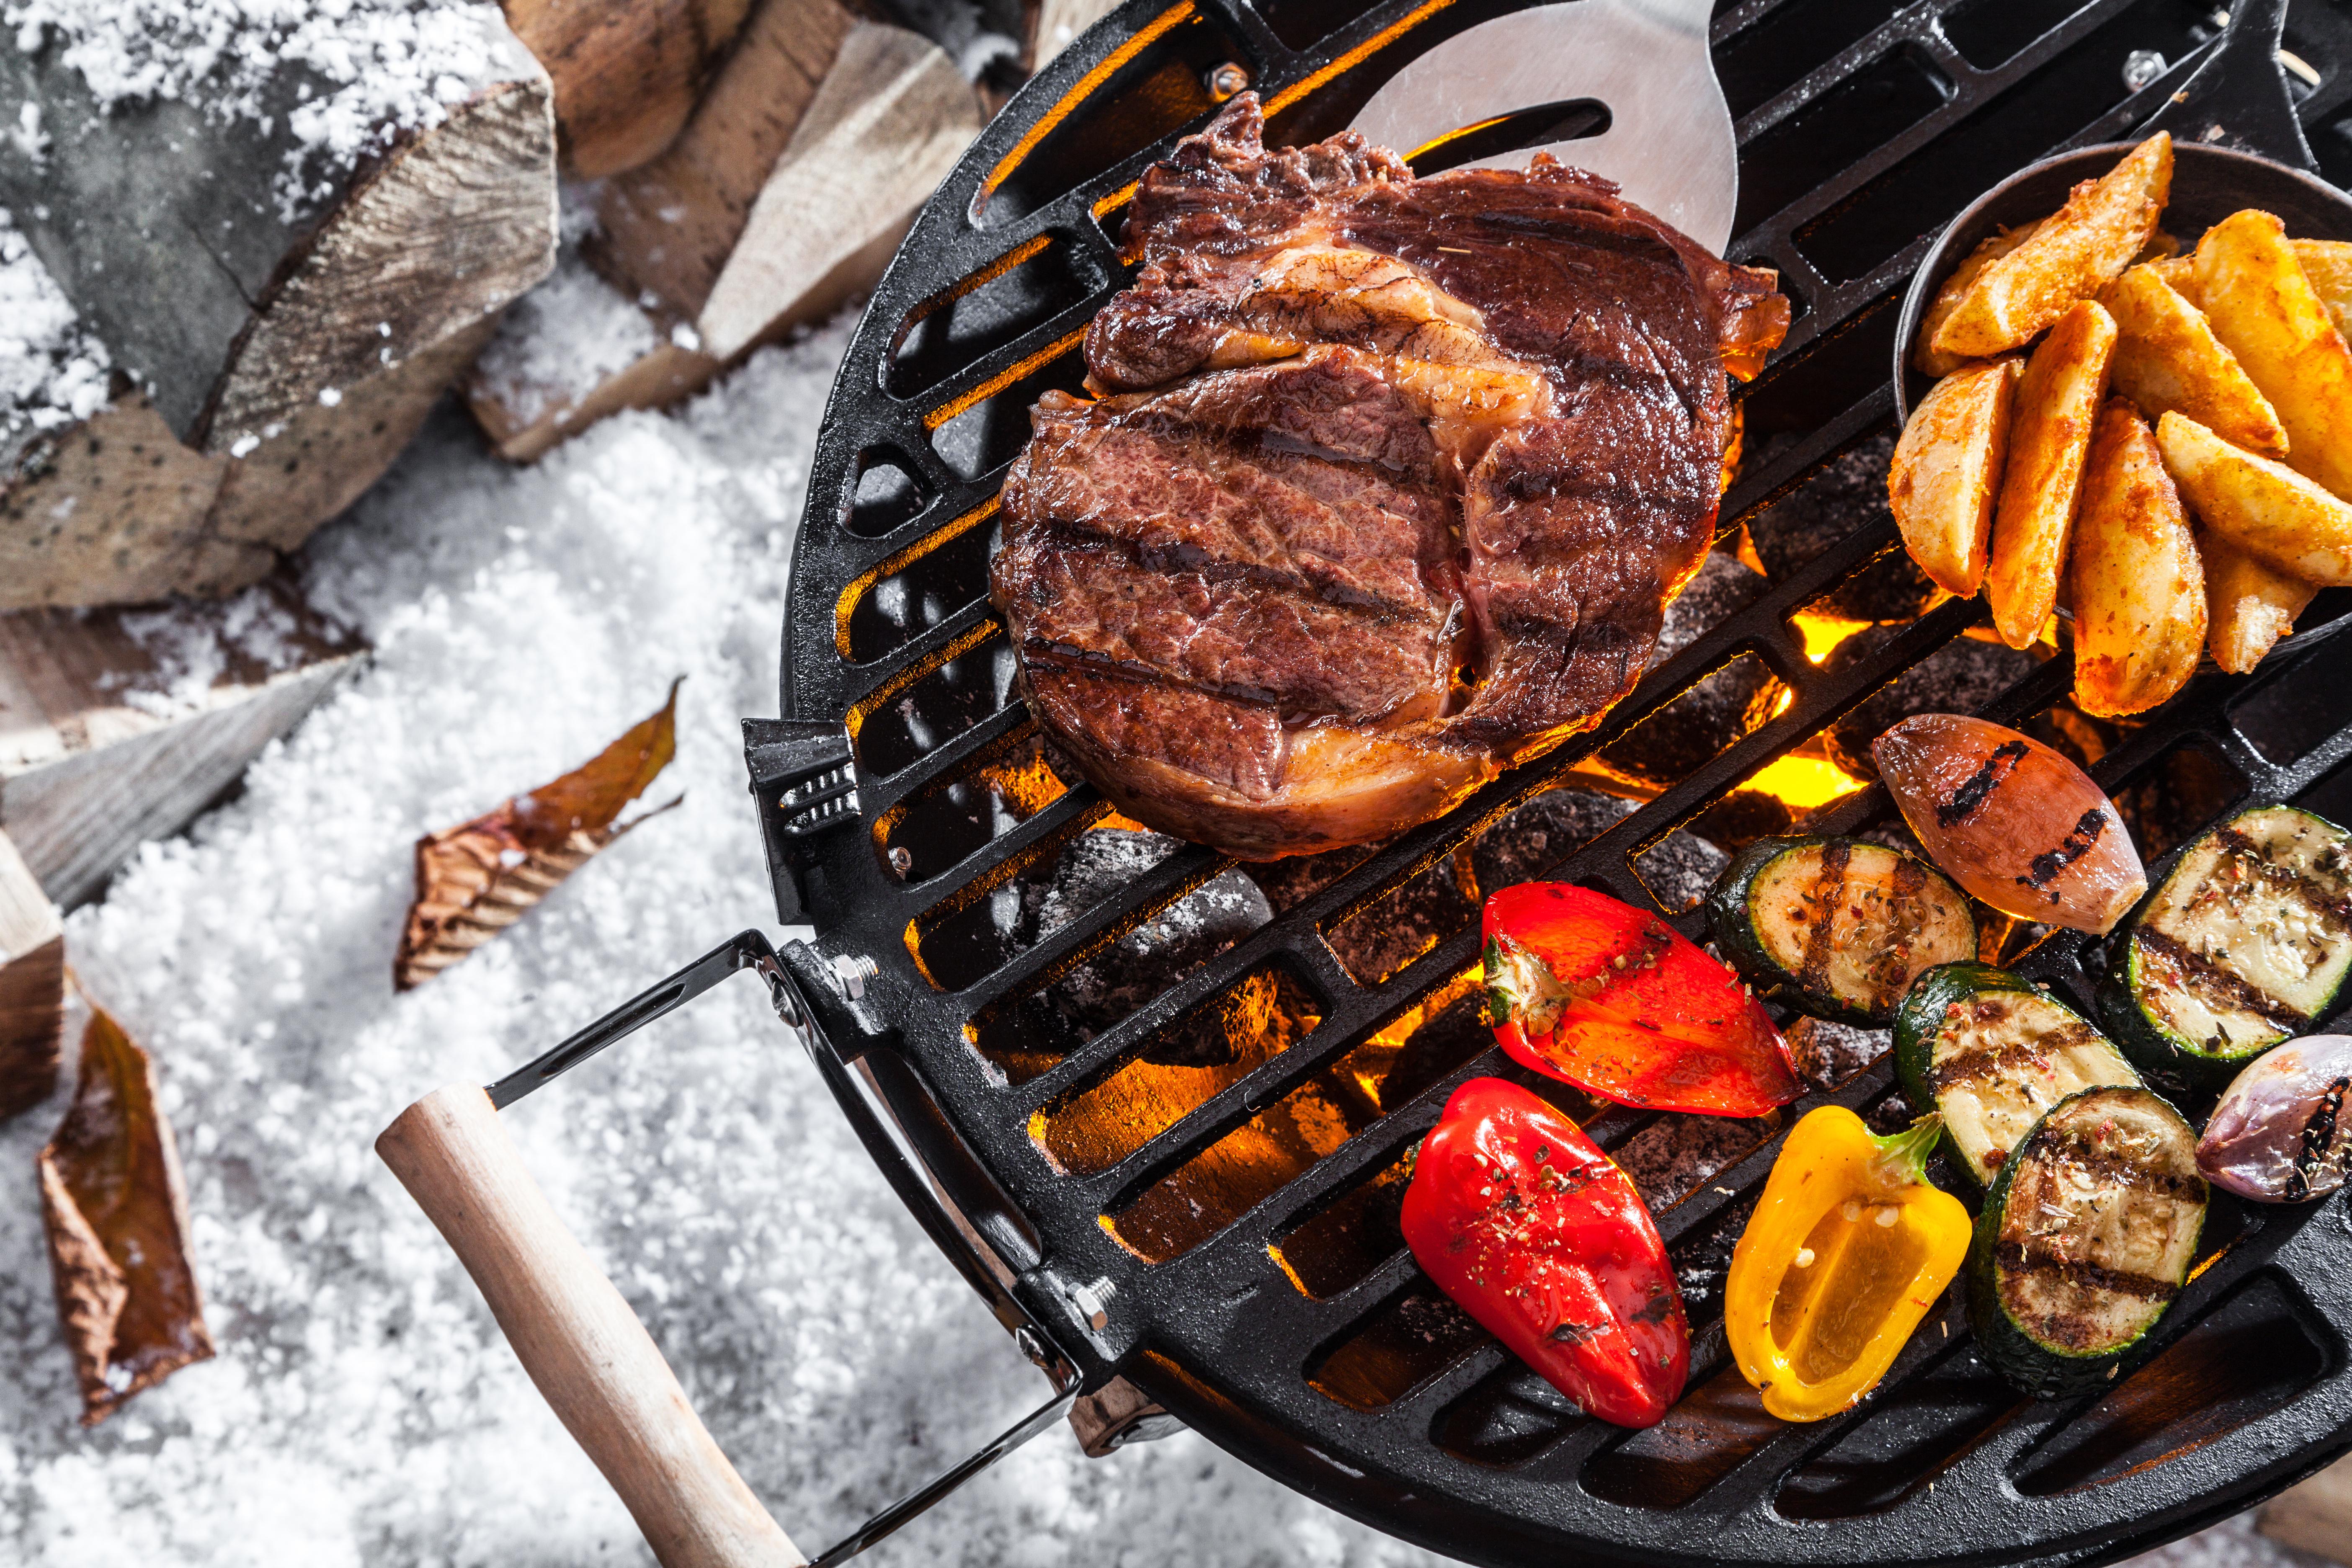 Grillen im Winter mit einem Grill mit Fleisch und Gemüse auf Schnee